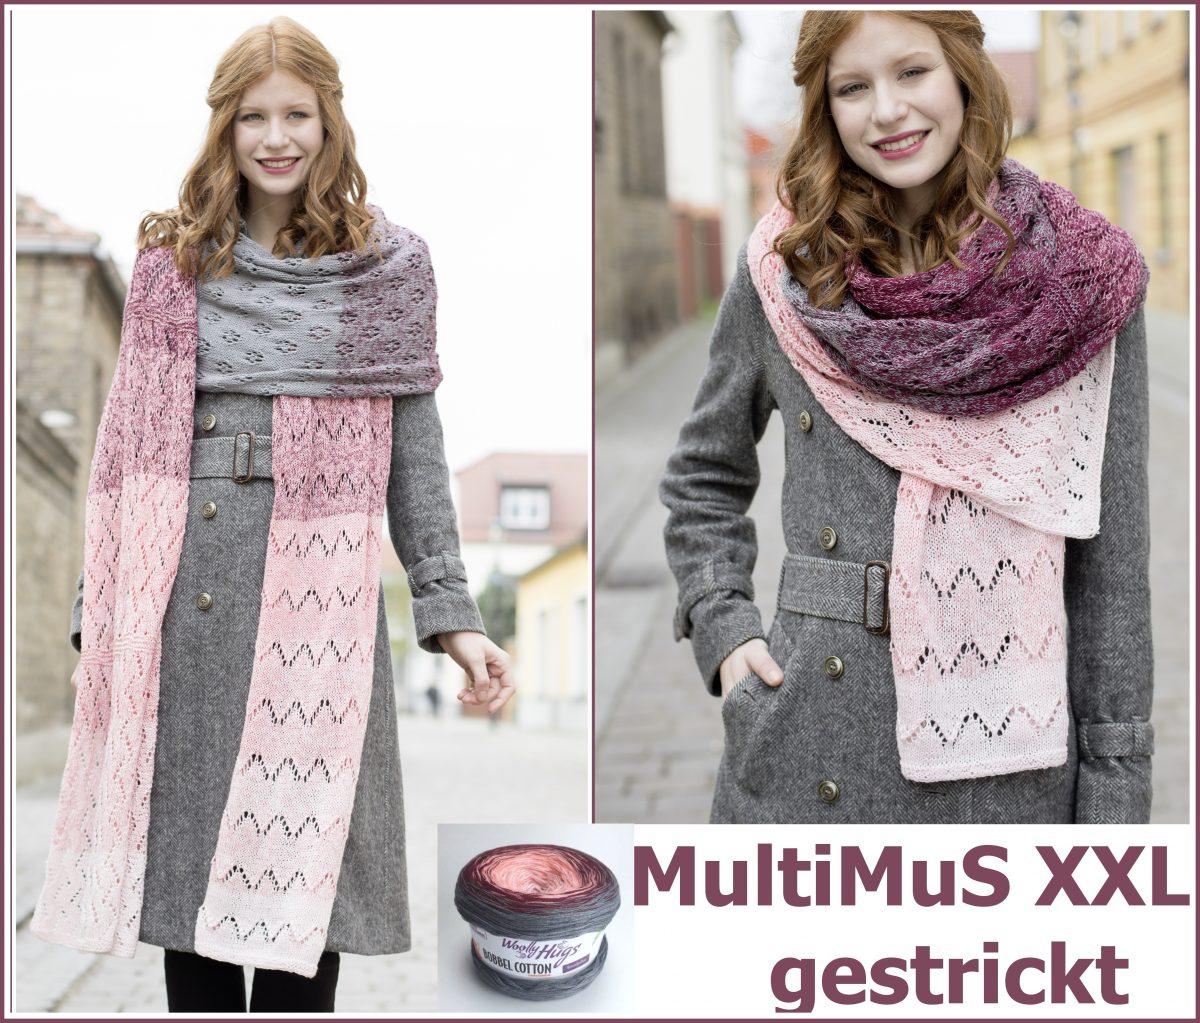 MultiMuS XXL gestrickt Collage e